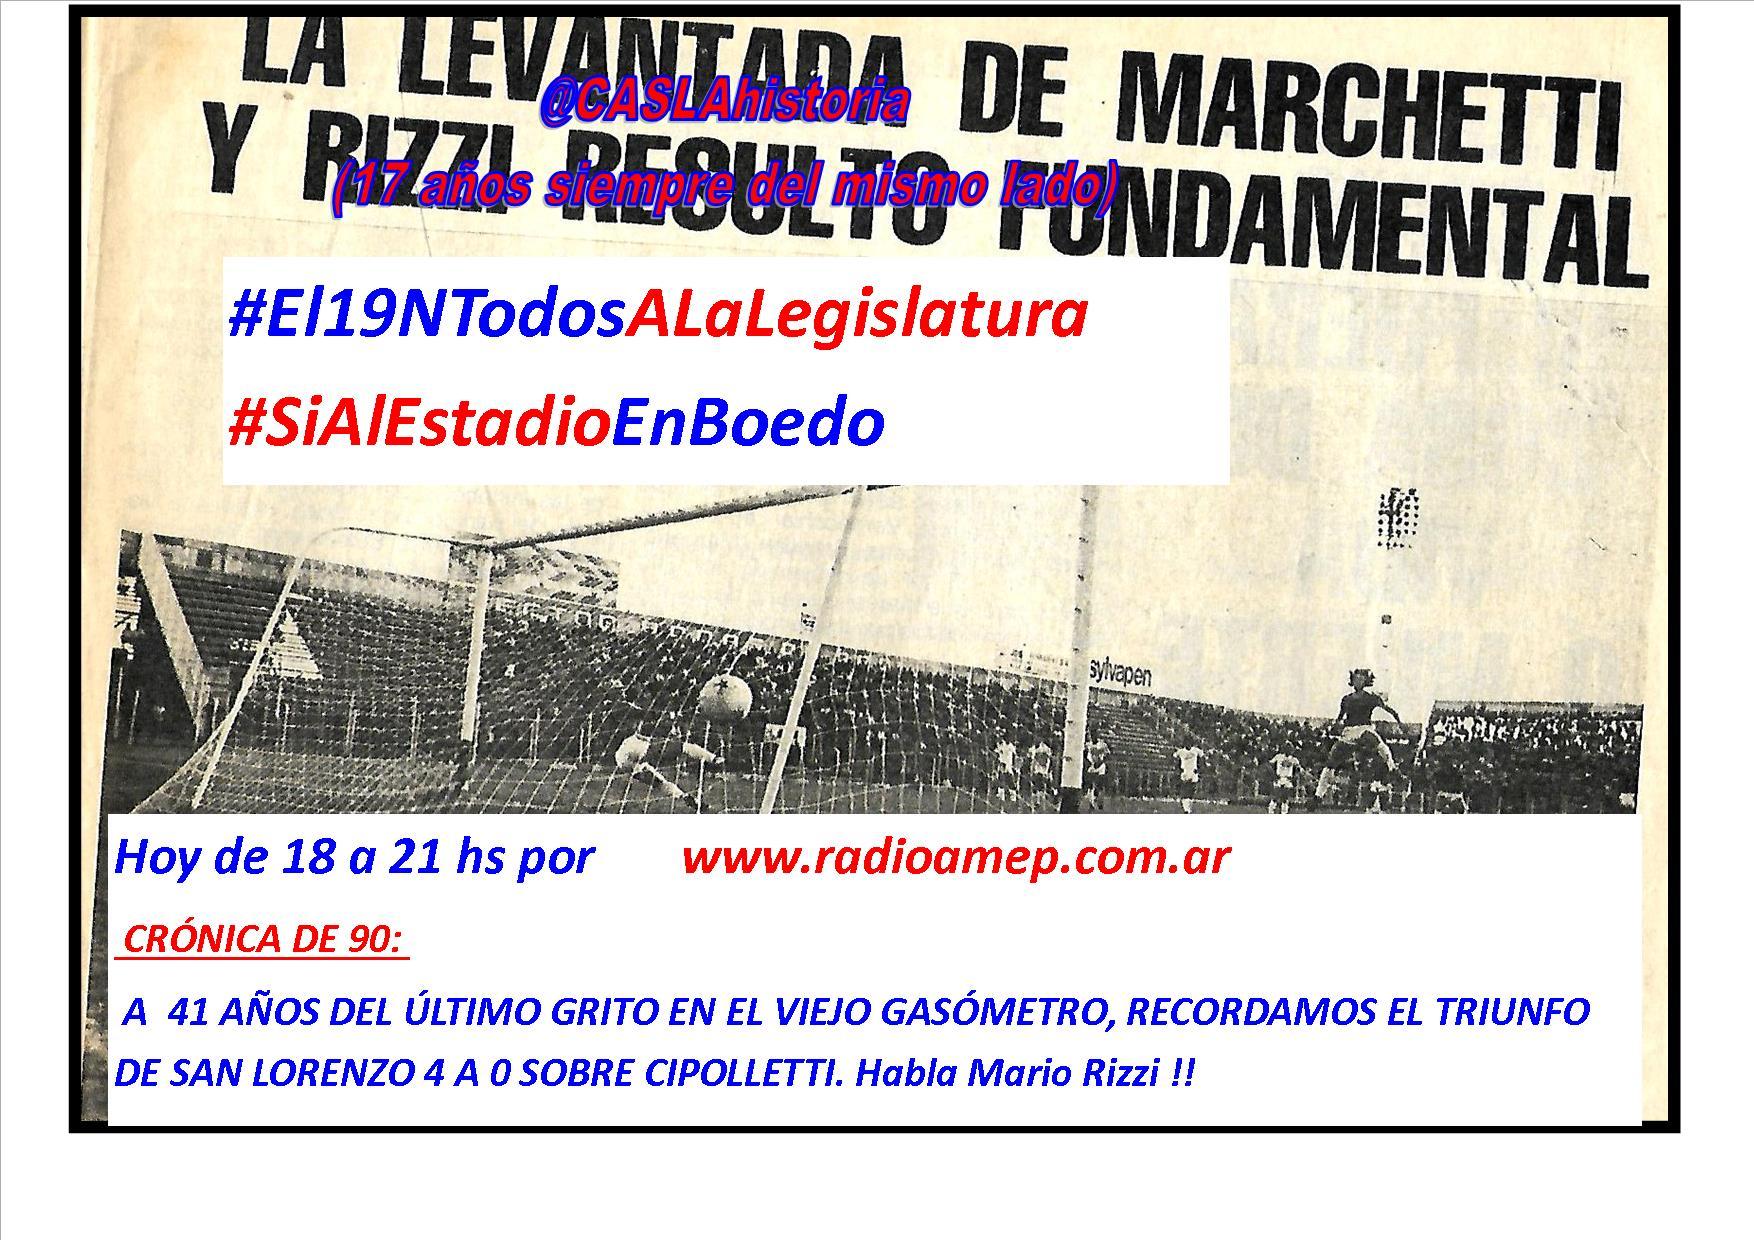 Programa en Radio Amep hoy de 18 a 21 hs. «15 N, El Ultimo gol en el Gasómetro: Habla Mario Rizzi, Cancino,De Baldrich y Morasca»